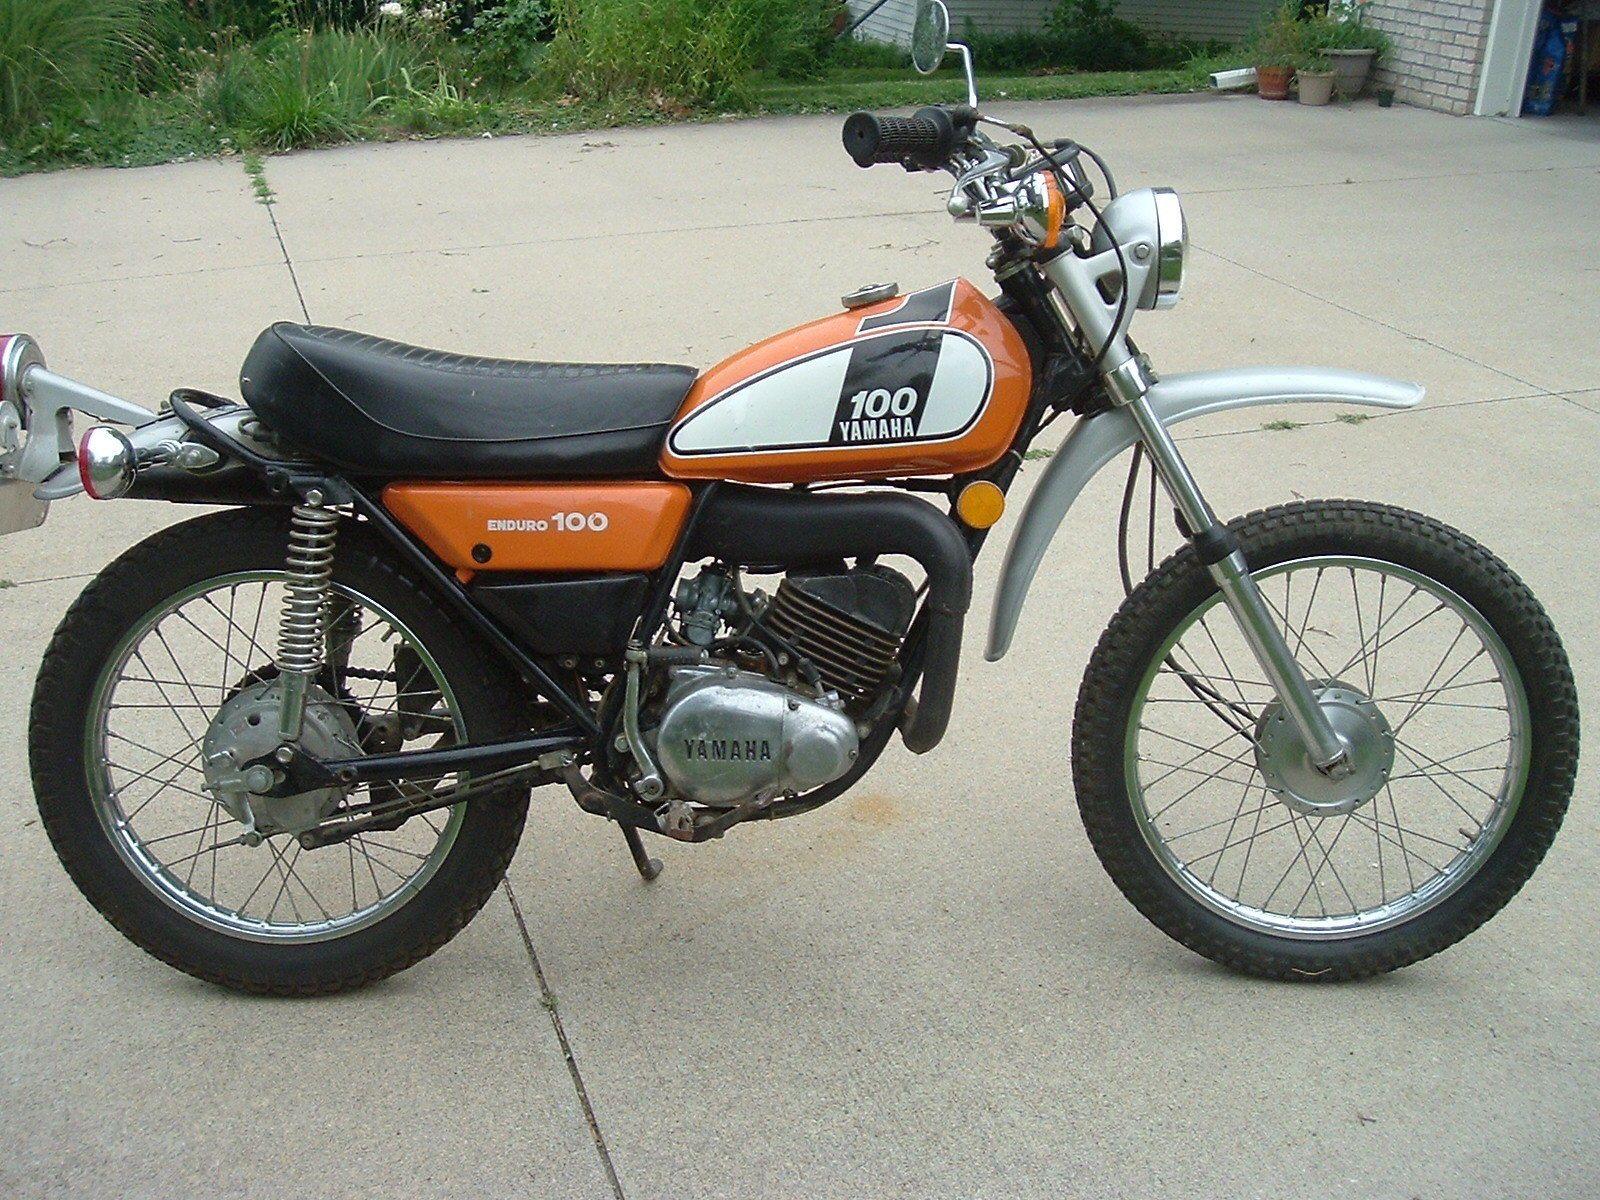 Yamaha Other Vintage Bikes Enduro Motorcycle Yamaha